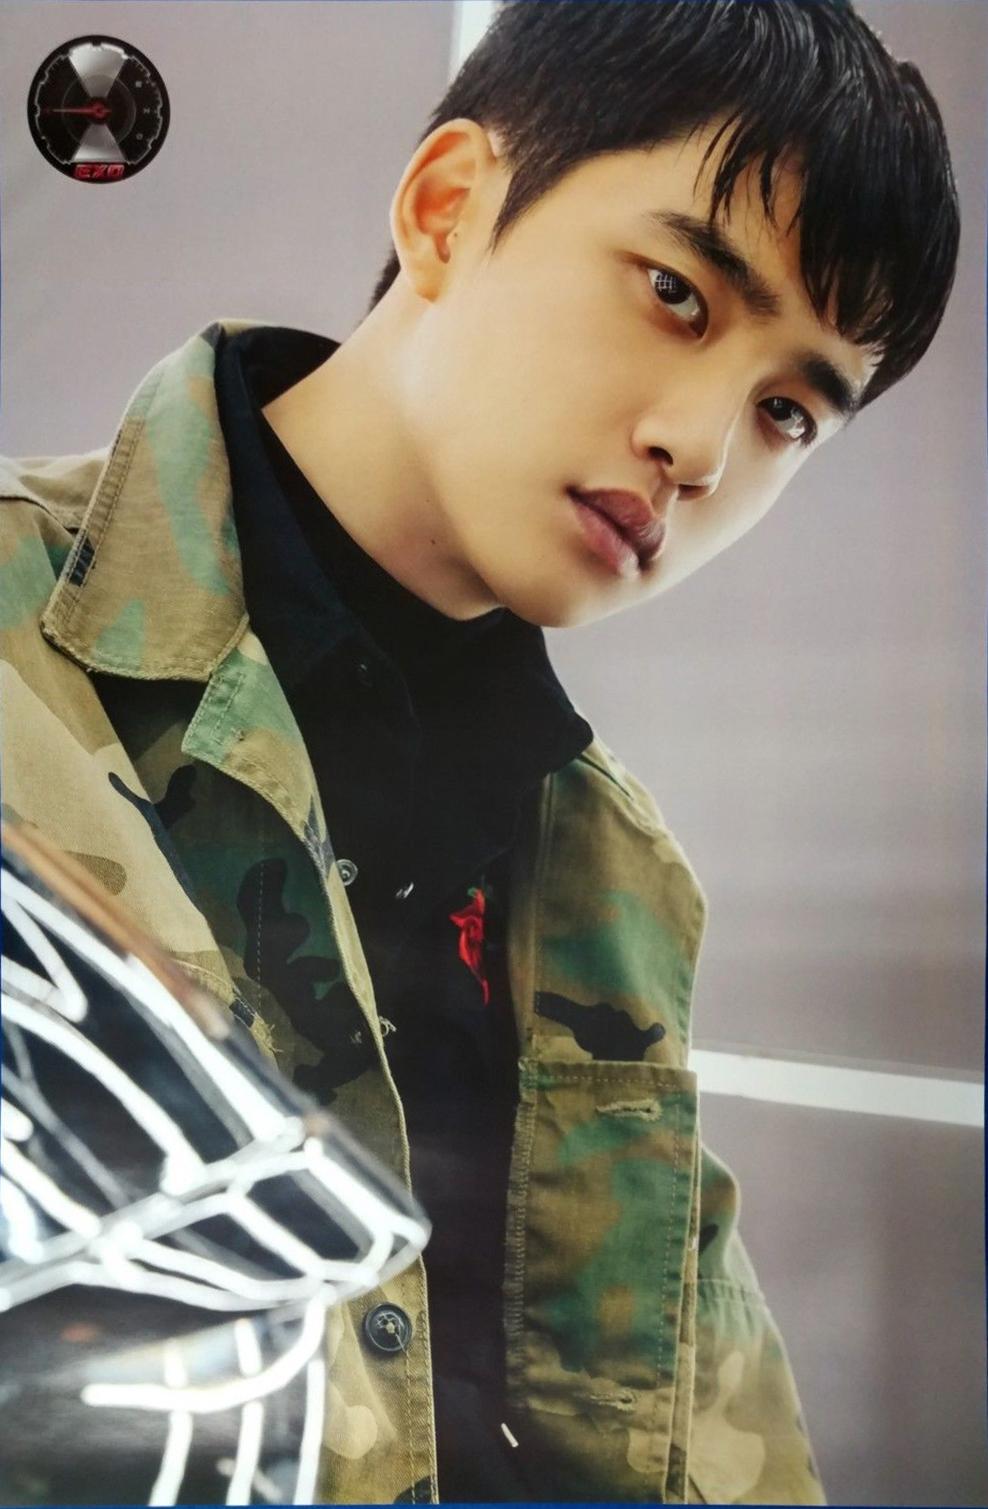 poster_exo_5th_vivace_600-1.jpg